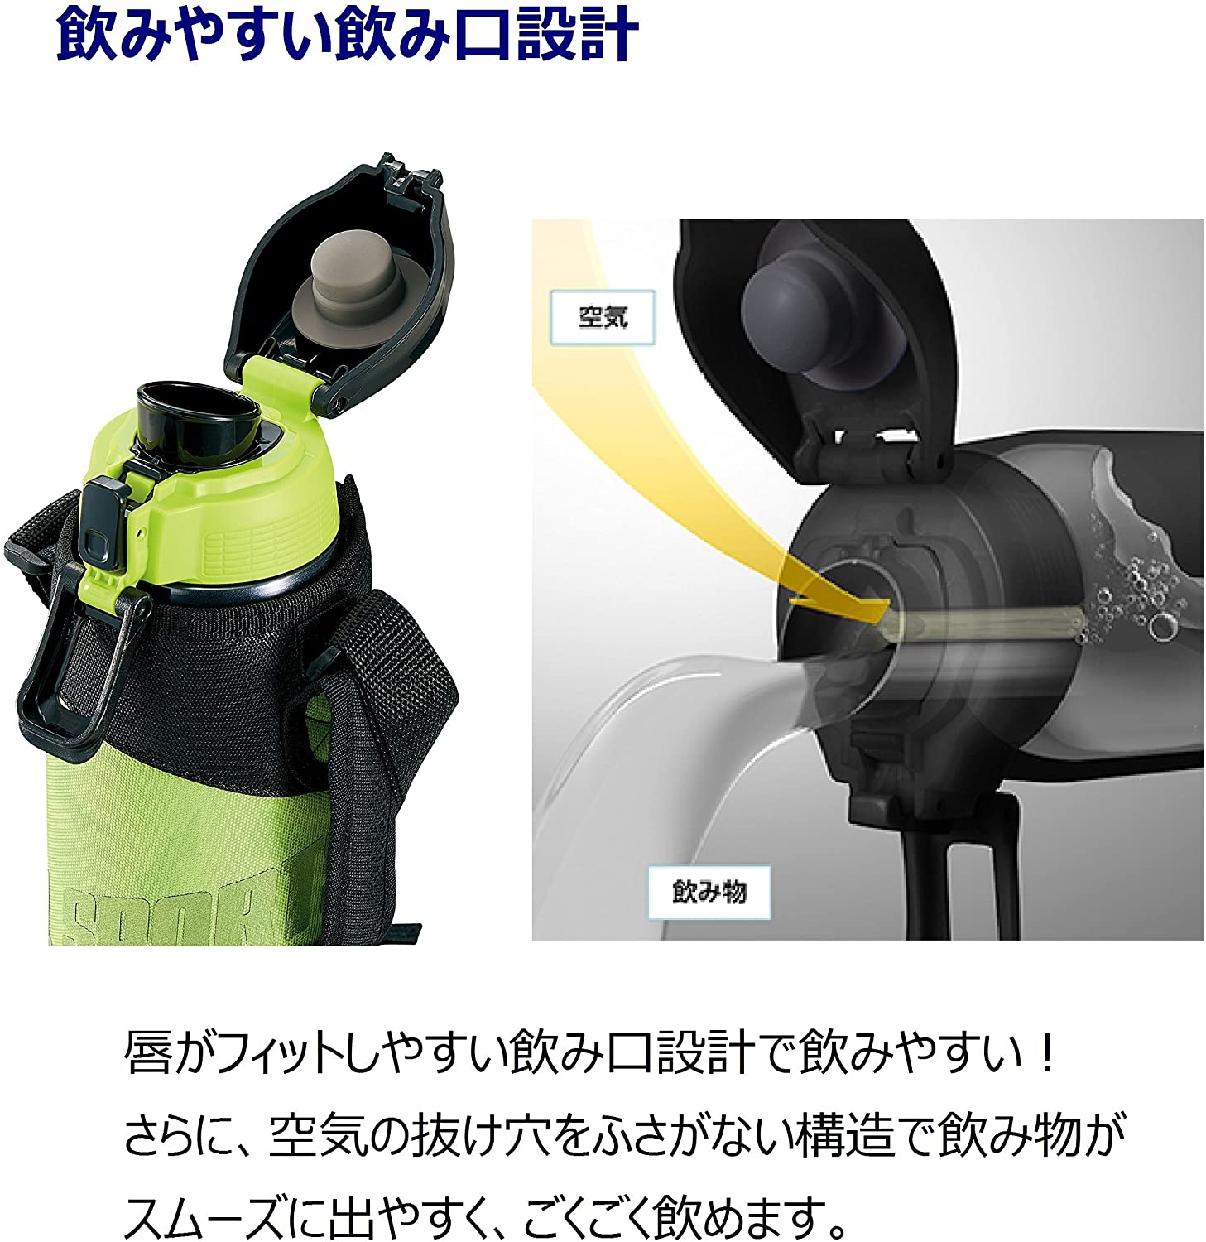 象印(ZOJIRUSHI) クール スポーツボトル 1.0L SD-FA10-BGの商品画像6